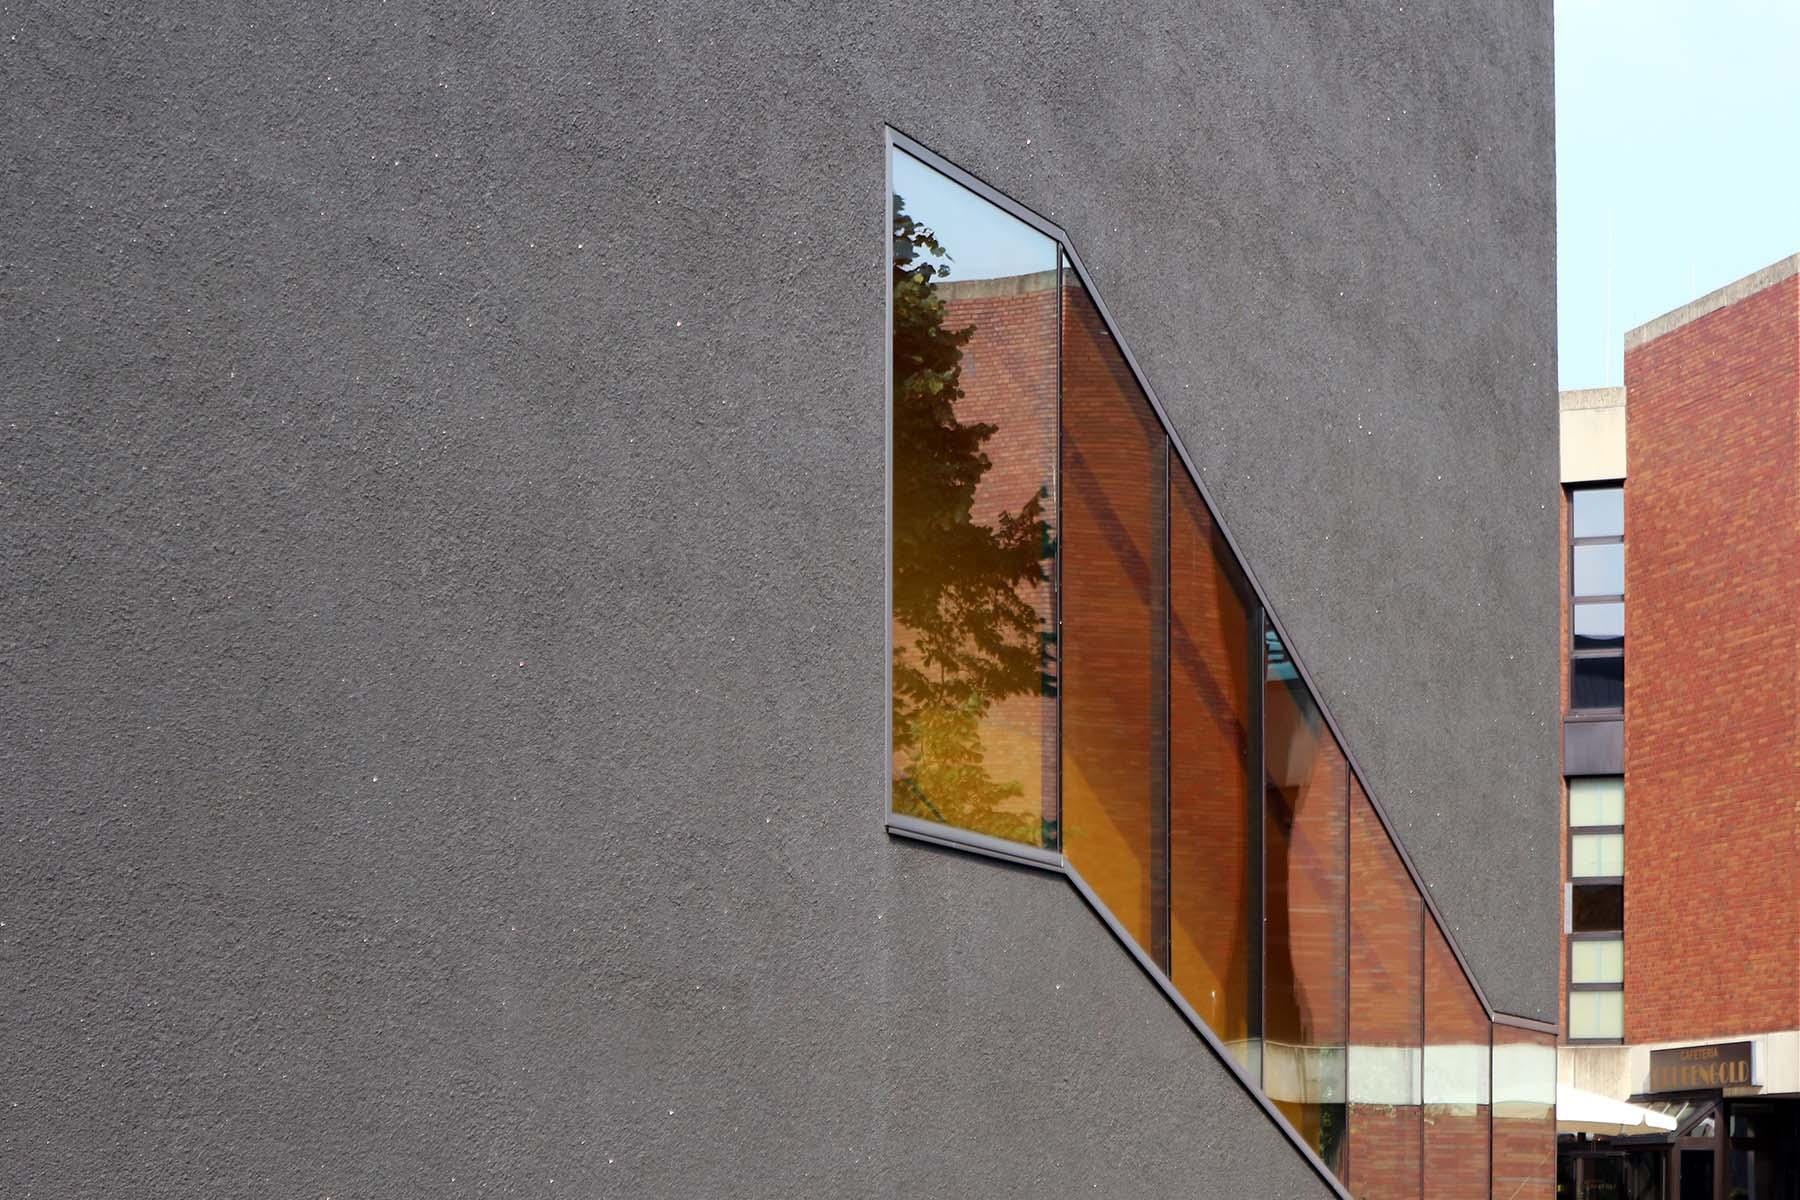 Deutsches Bergbau Museum. Die niederländischen Architekten Jan Benthem und Mels Crouwel gründeten ihr Büro 1979.